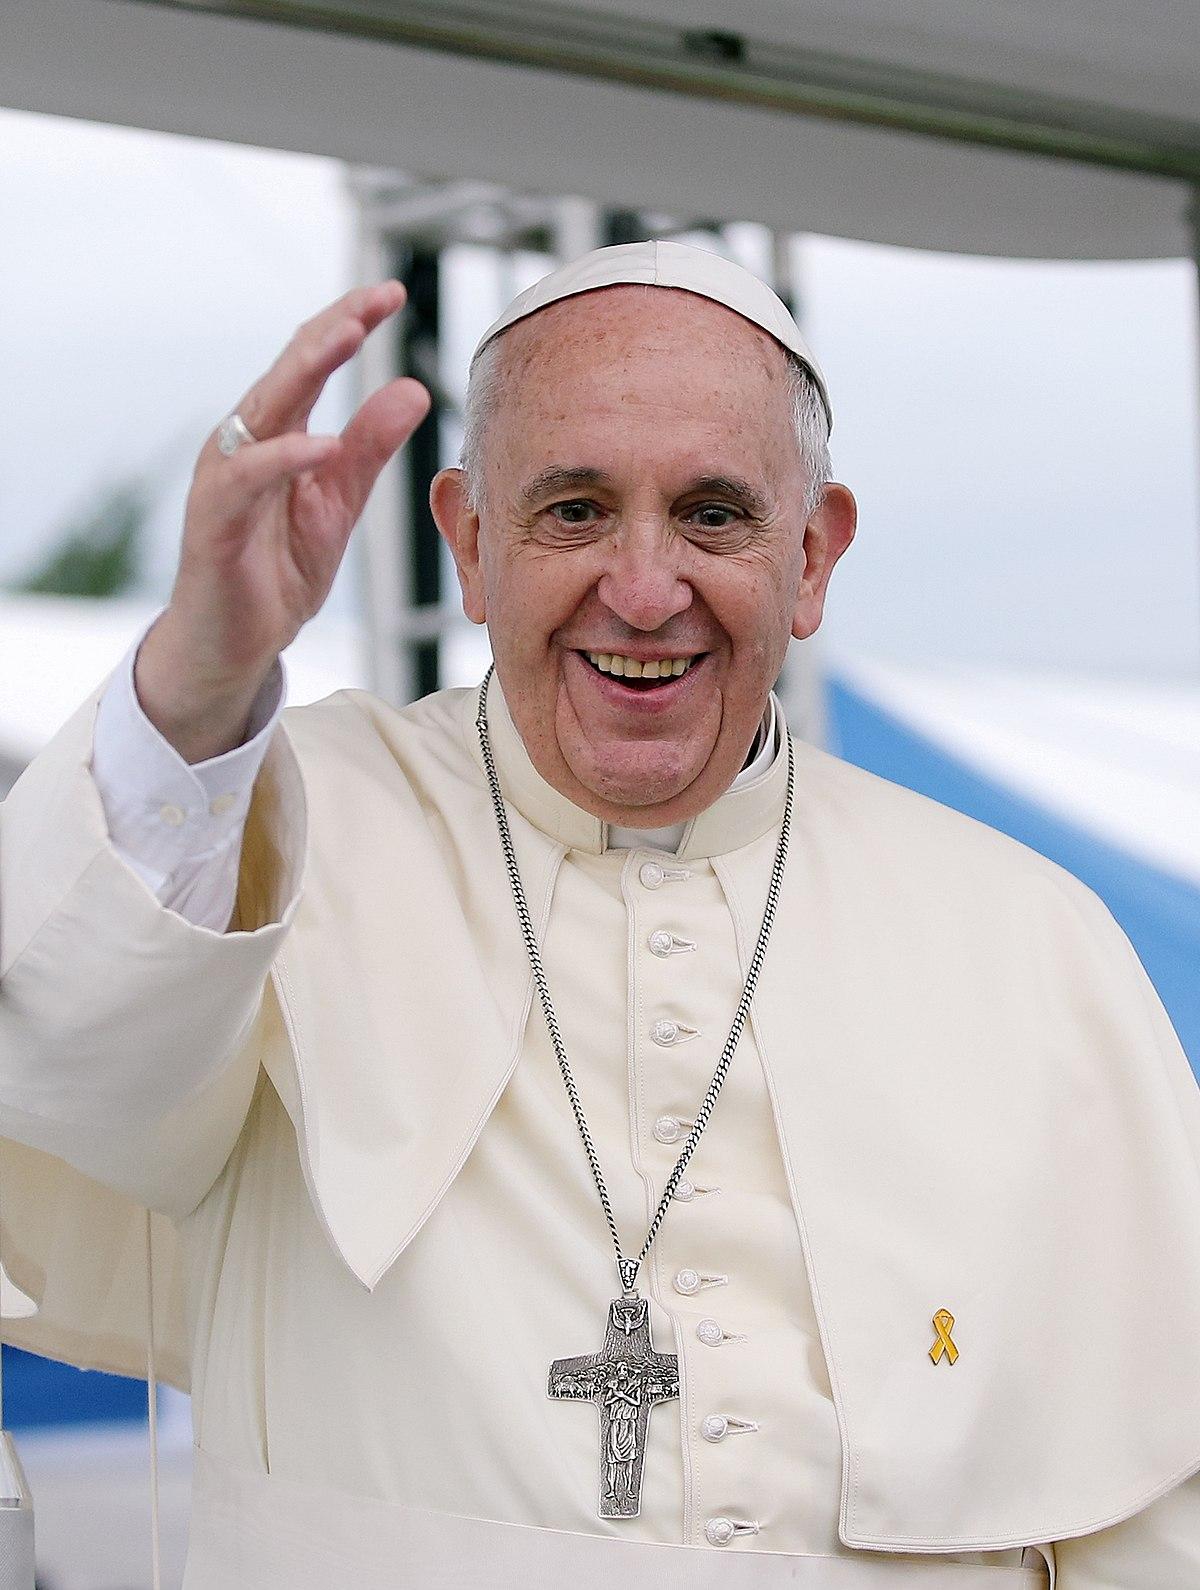 Comment S'appelle Un Pretre Qui Peut Se Marier : comment, s'appelle, pretre, marier, François, (pape), Wikipédia